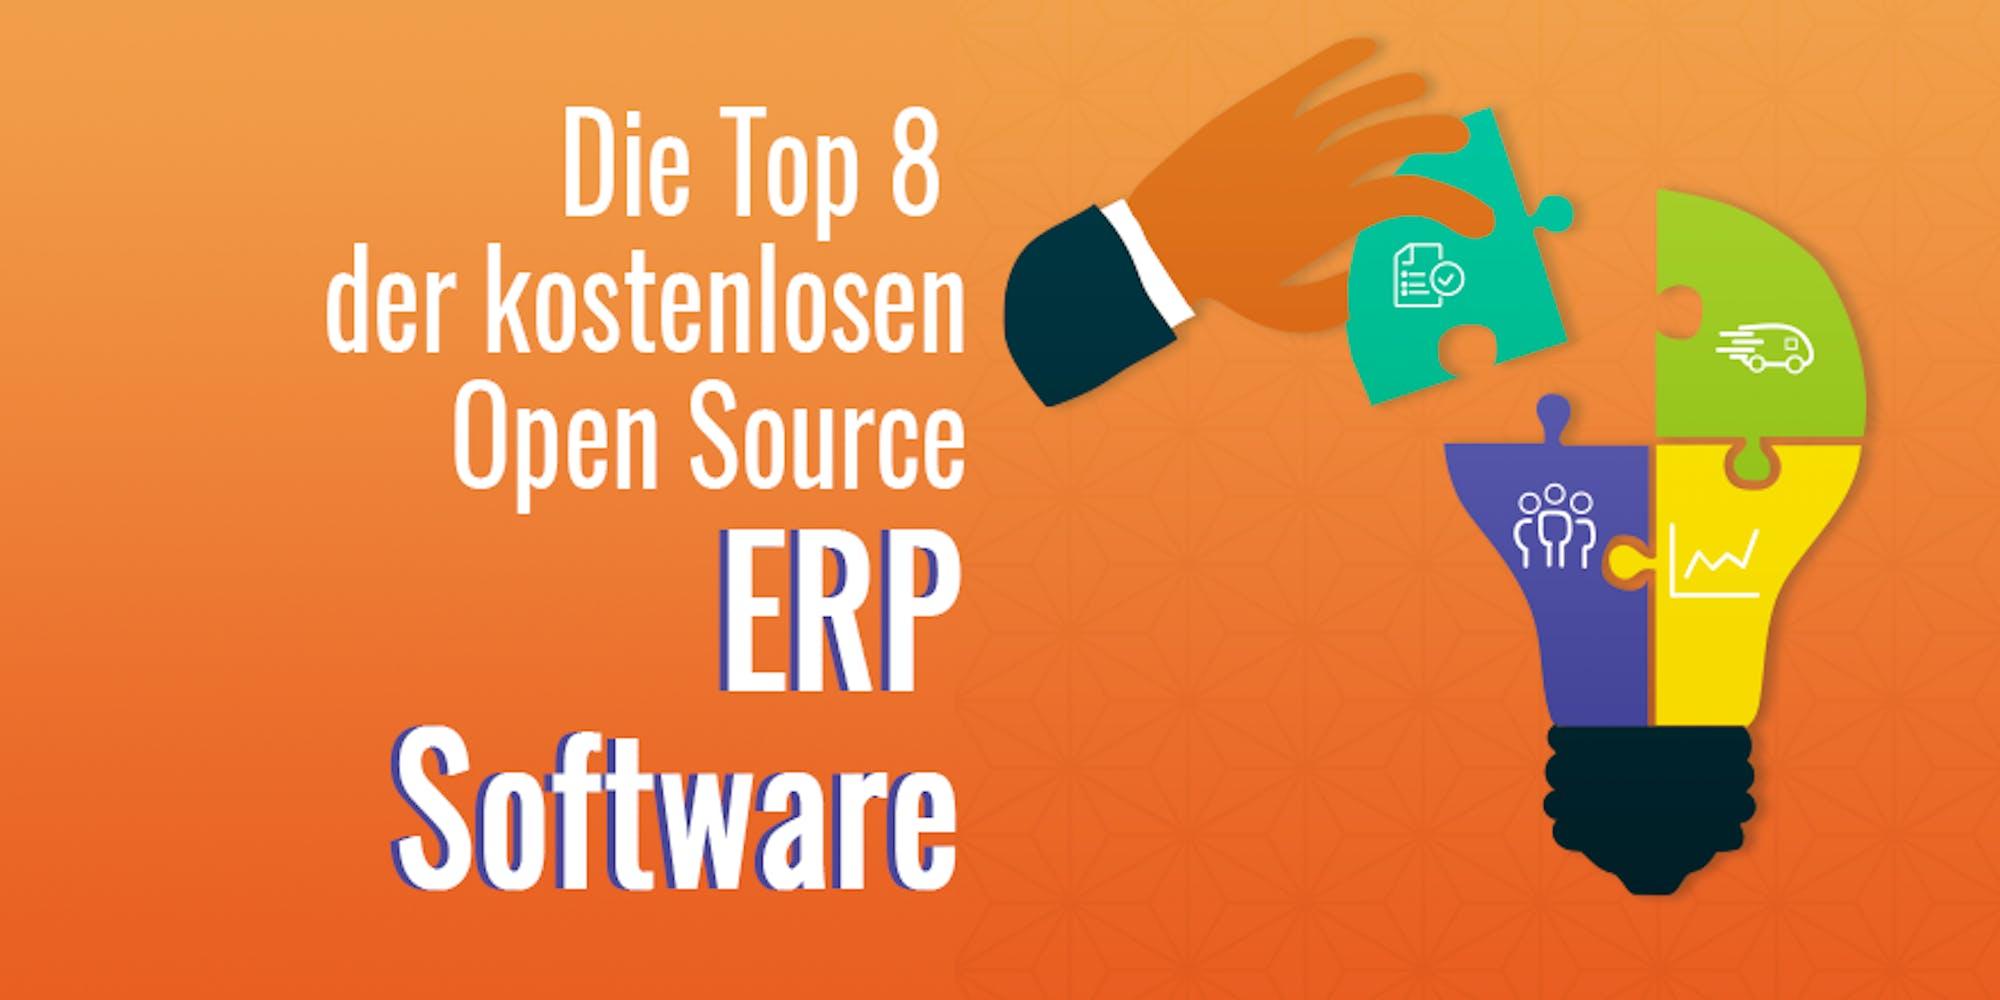 Die Top kostenlosen und Open Source ERP Software